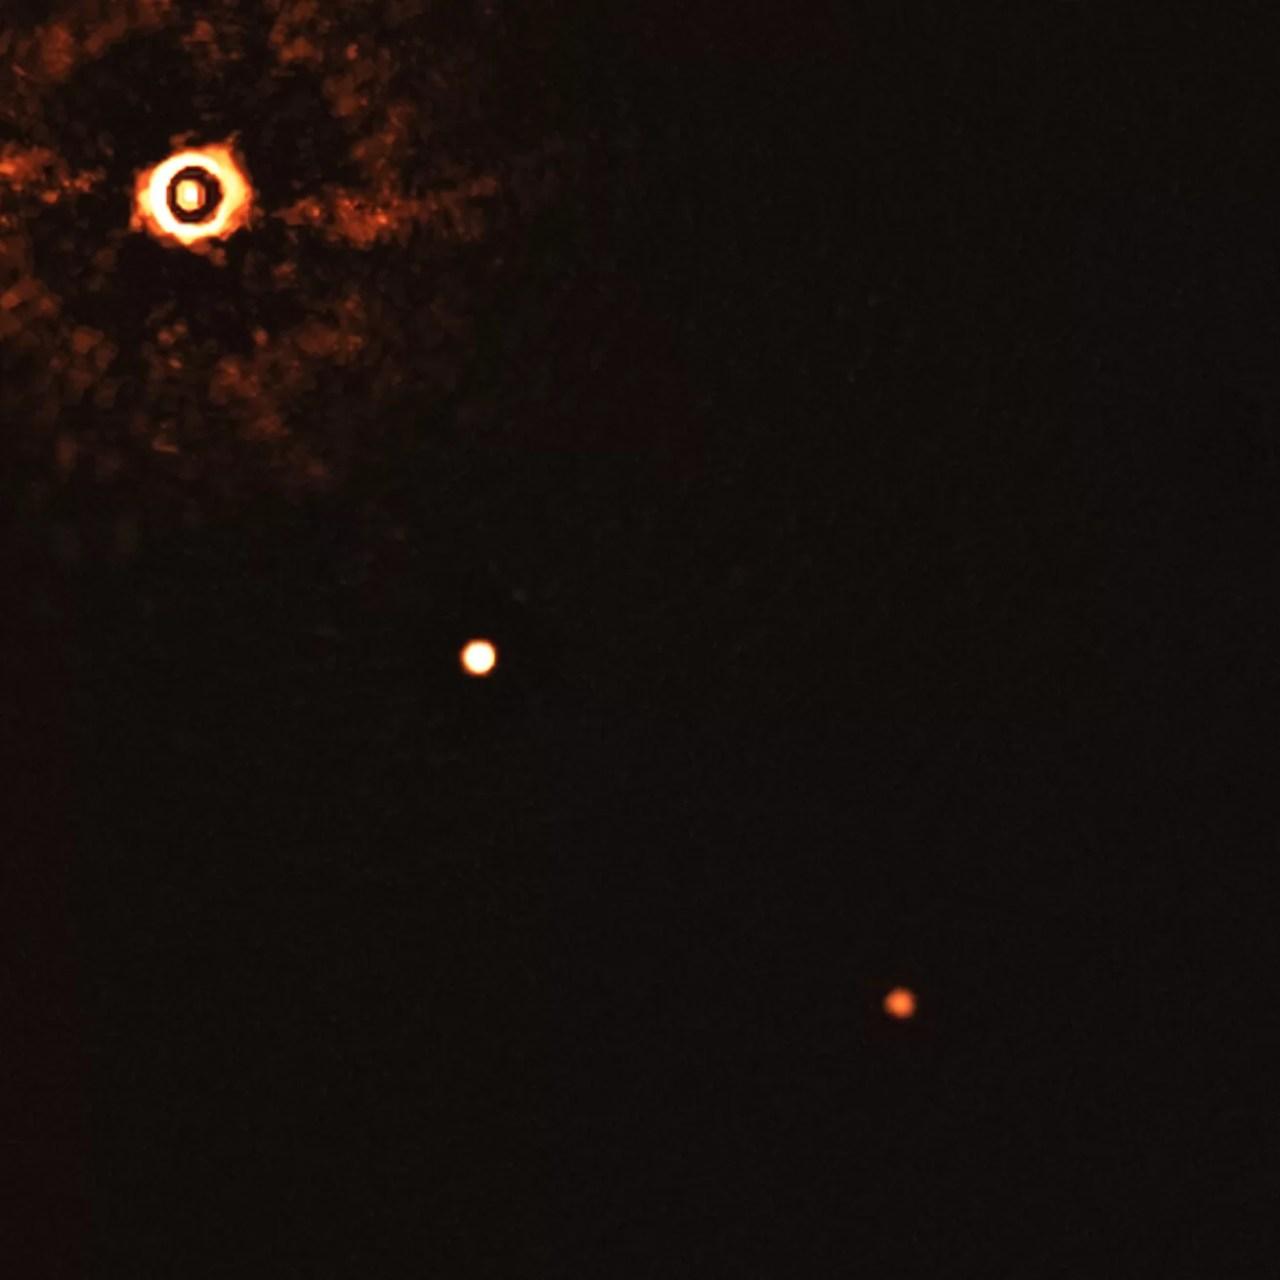 primeira imagem direta de planetas